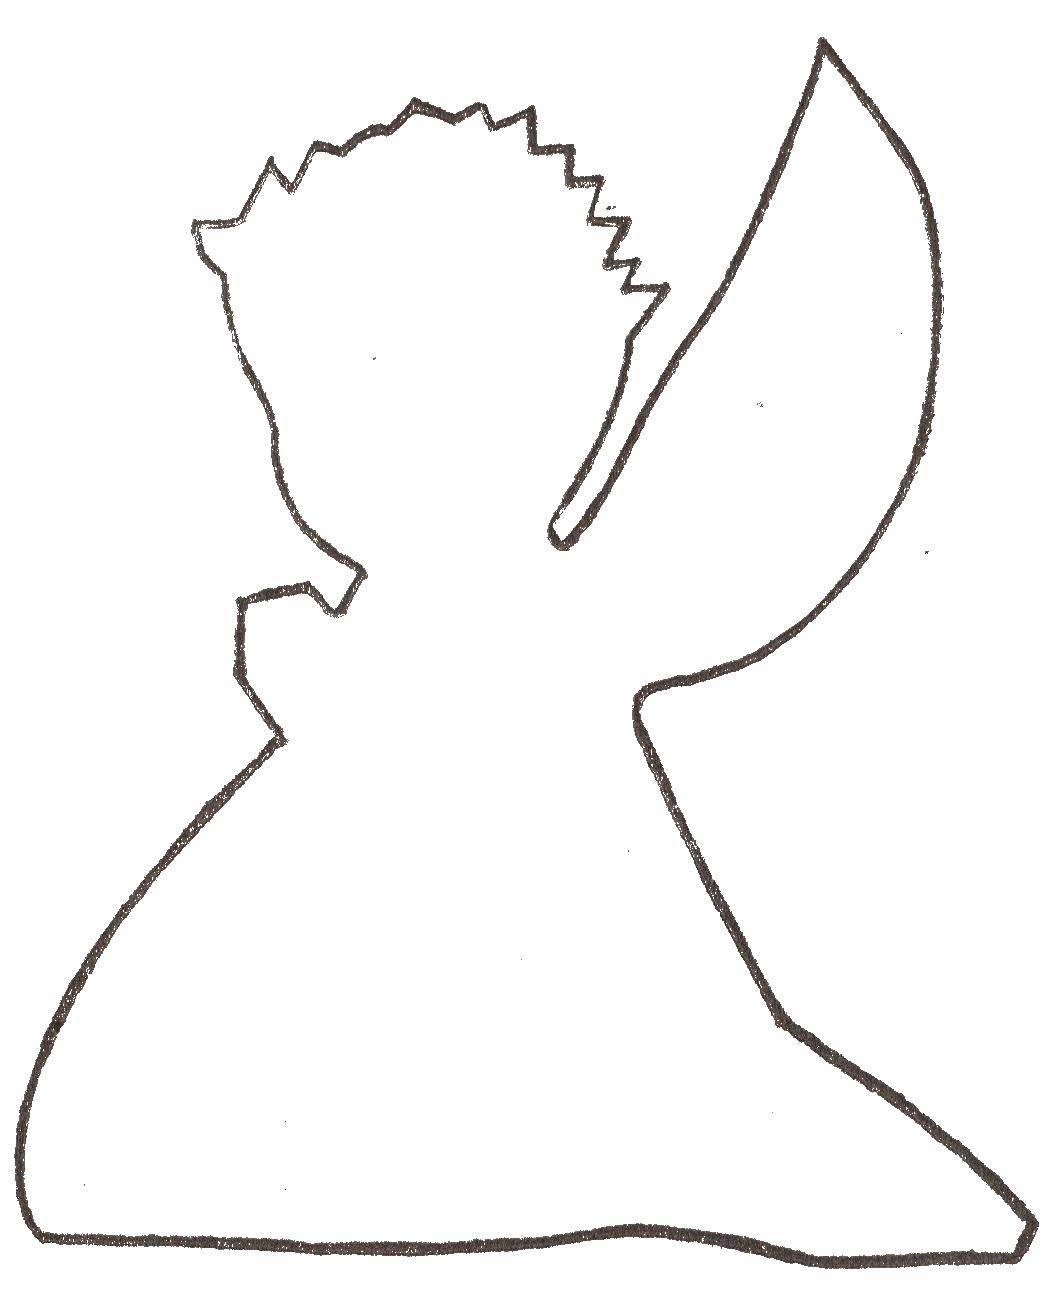 Раскраска Контуры ангела для вырезания Скачать Игры, Майнкрафт.  Распечатать ,Маинкрафт,